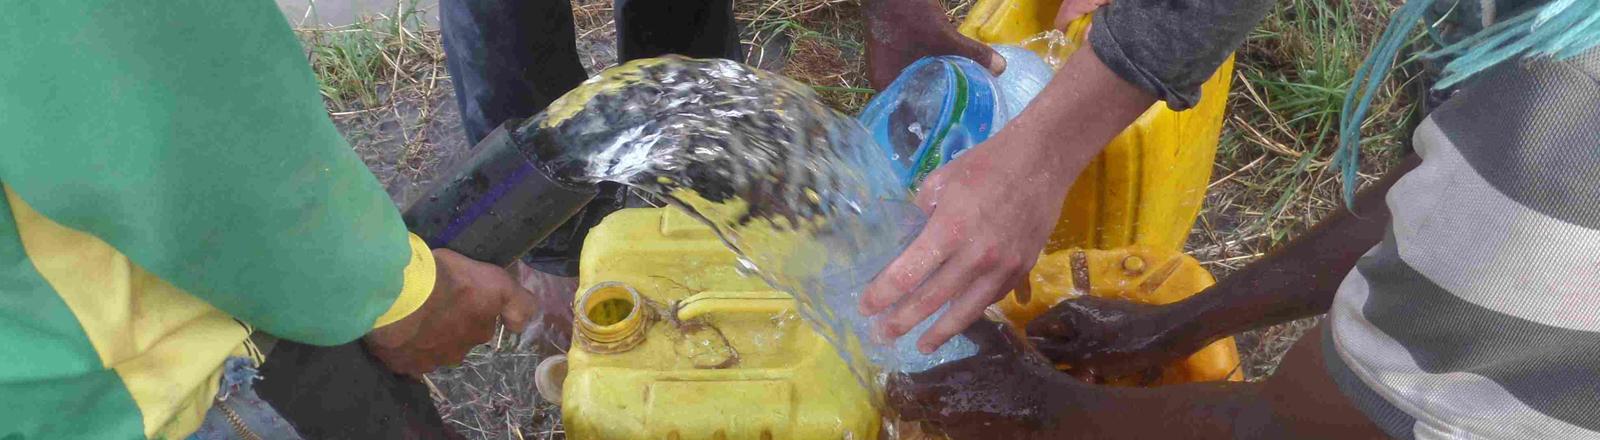 Aus einem Rohr strömt das erste Wasser des Brunnens in Kanister.